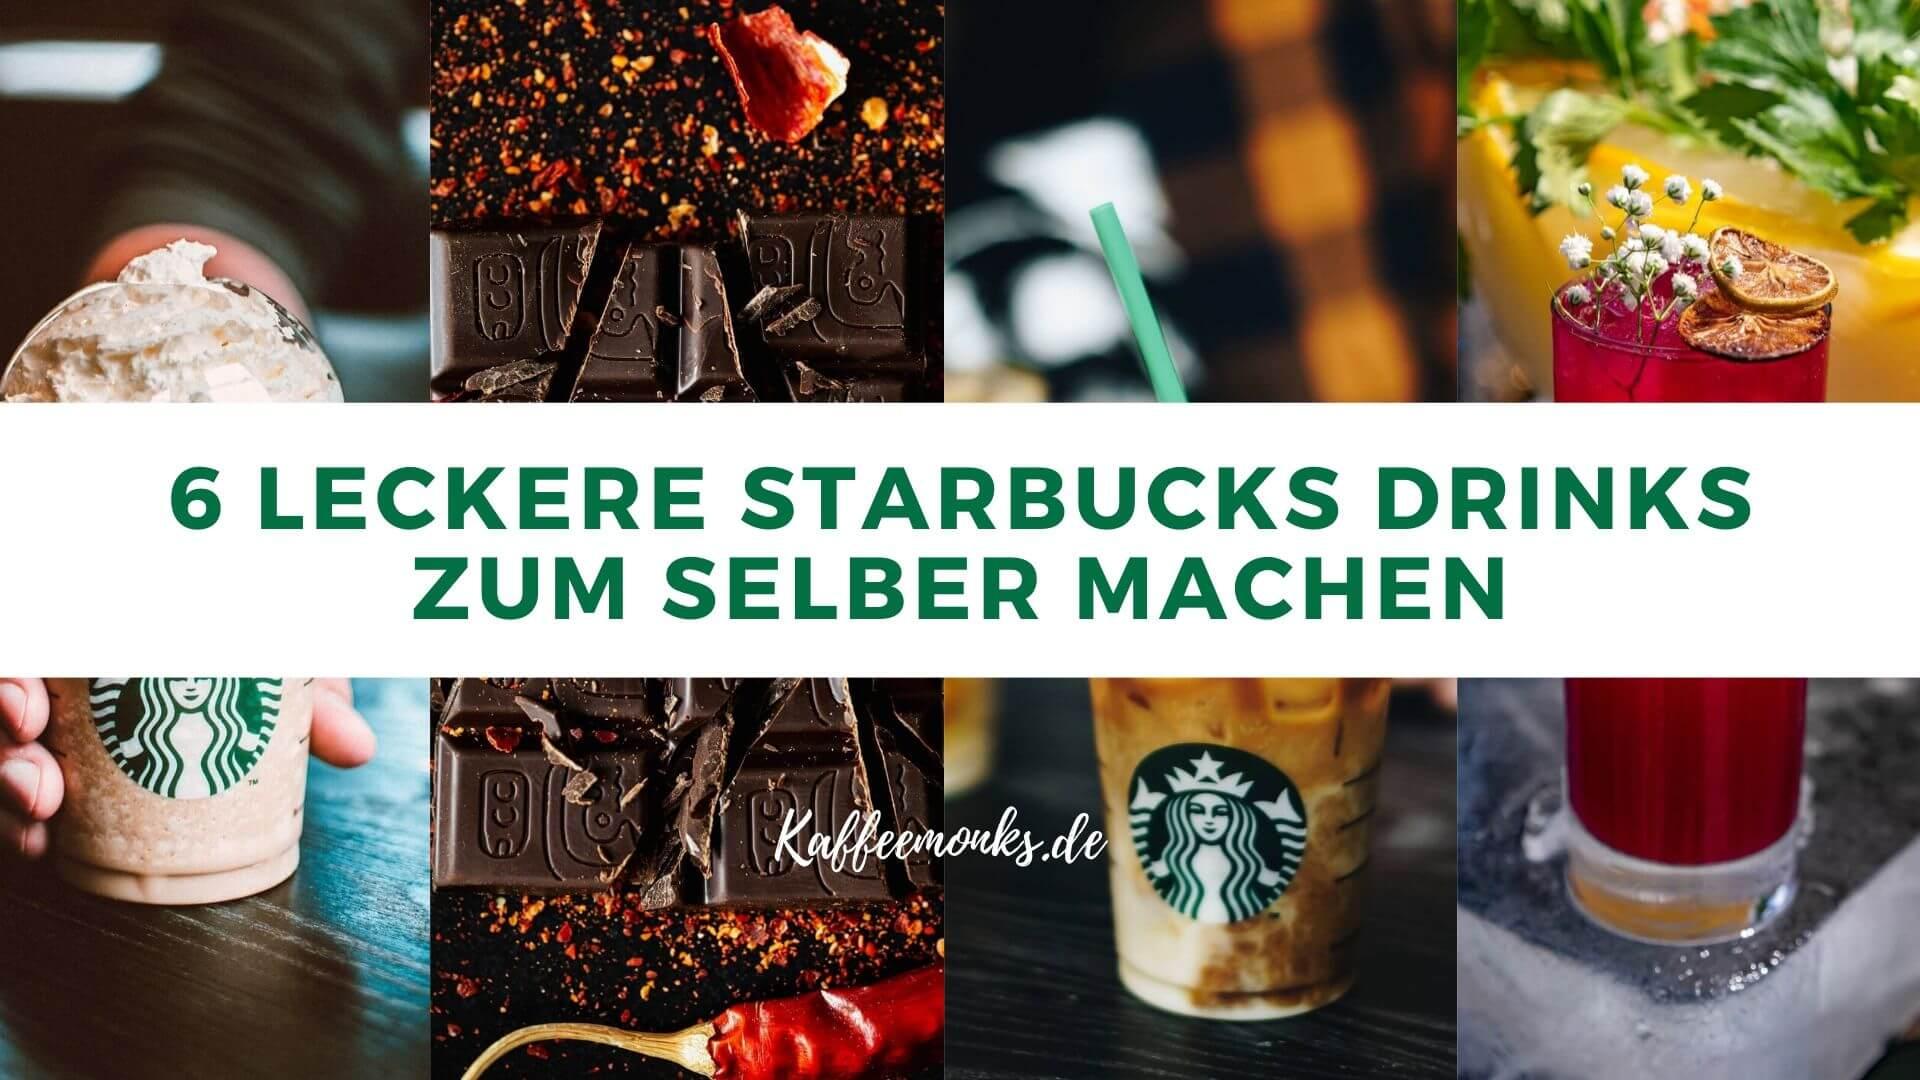 DIY STARBUCKS GETRÄNKE SELBER MACHEN